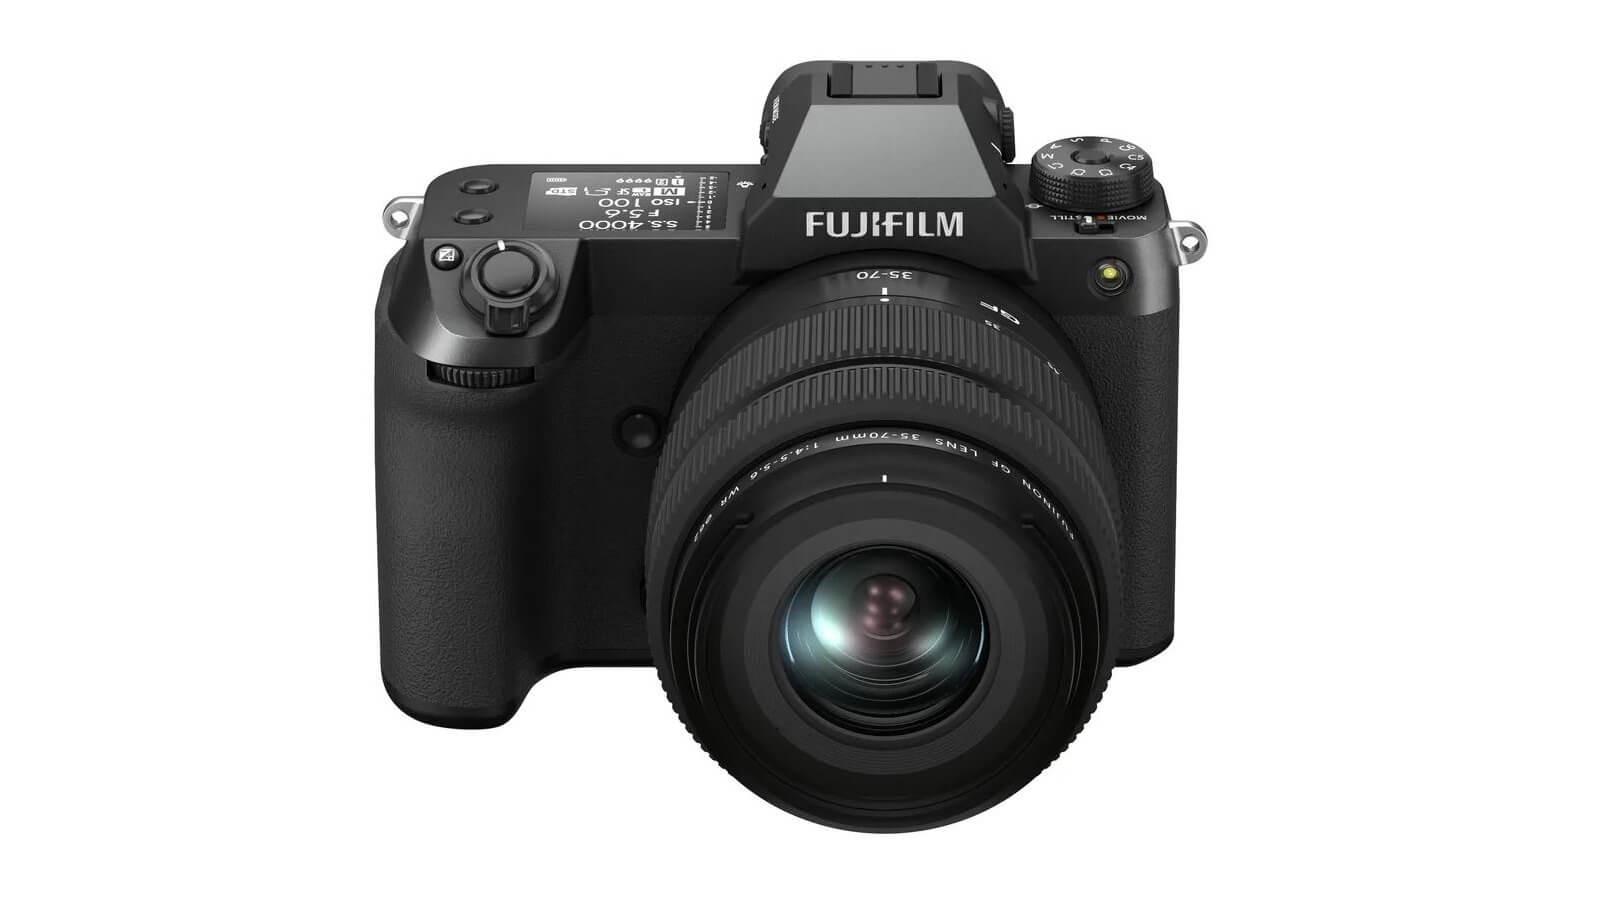 Fujifilm GFX 50S II camera